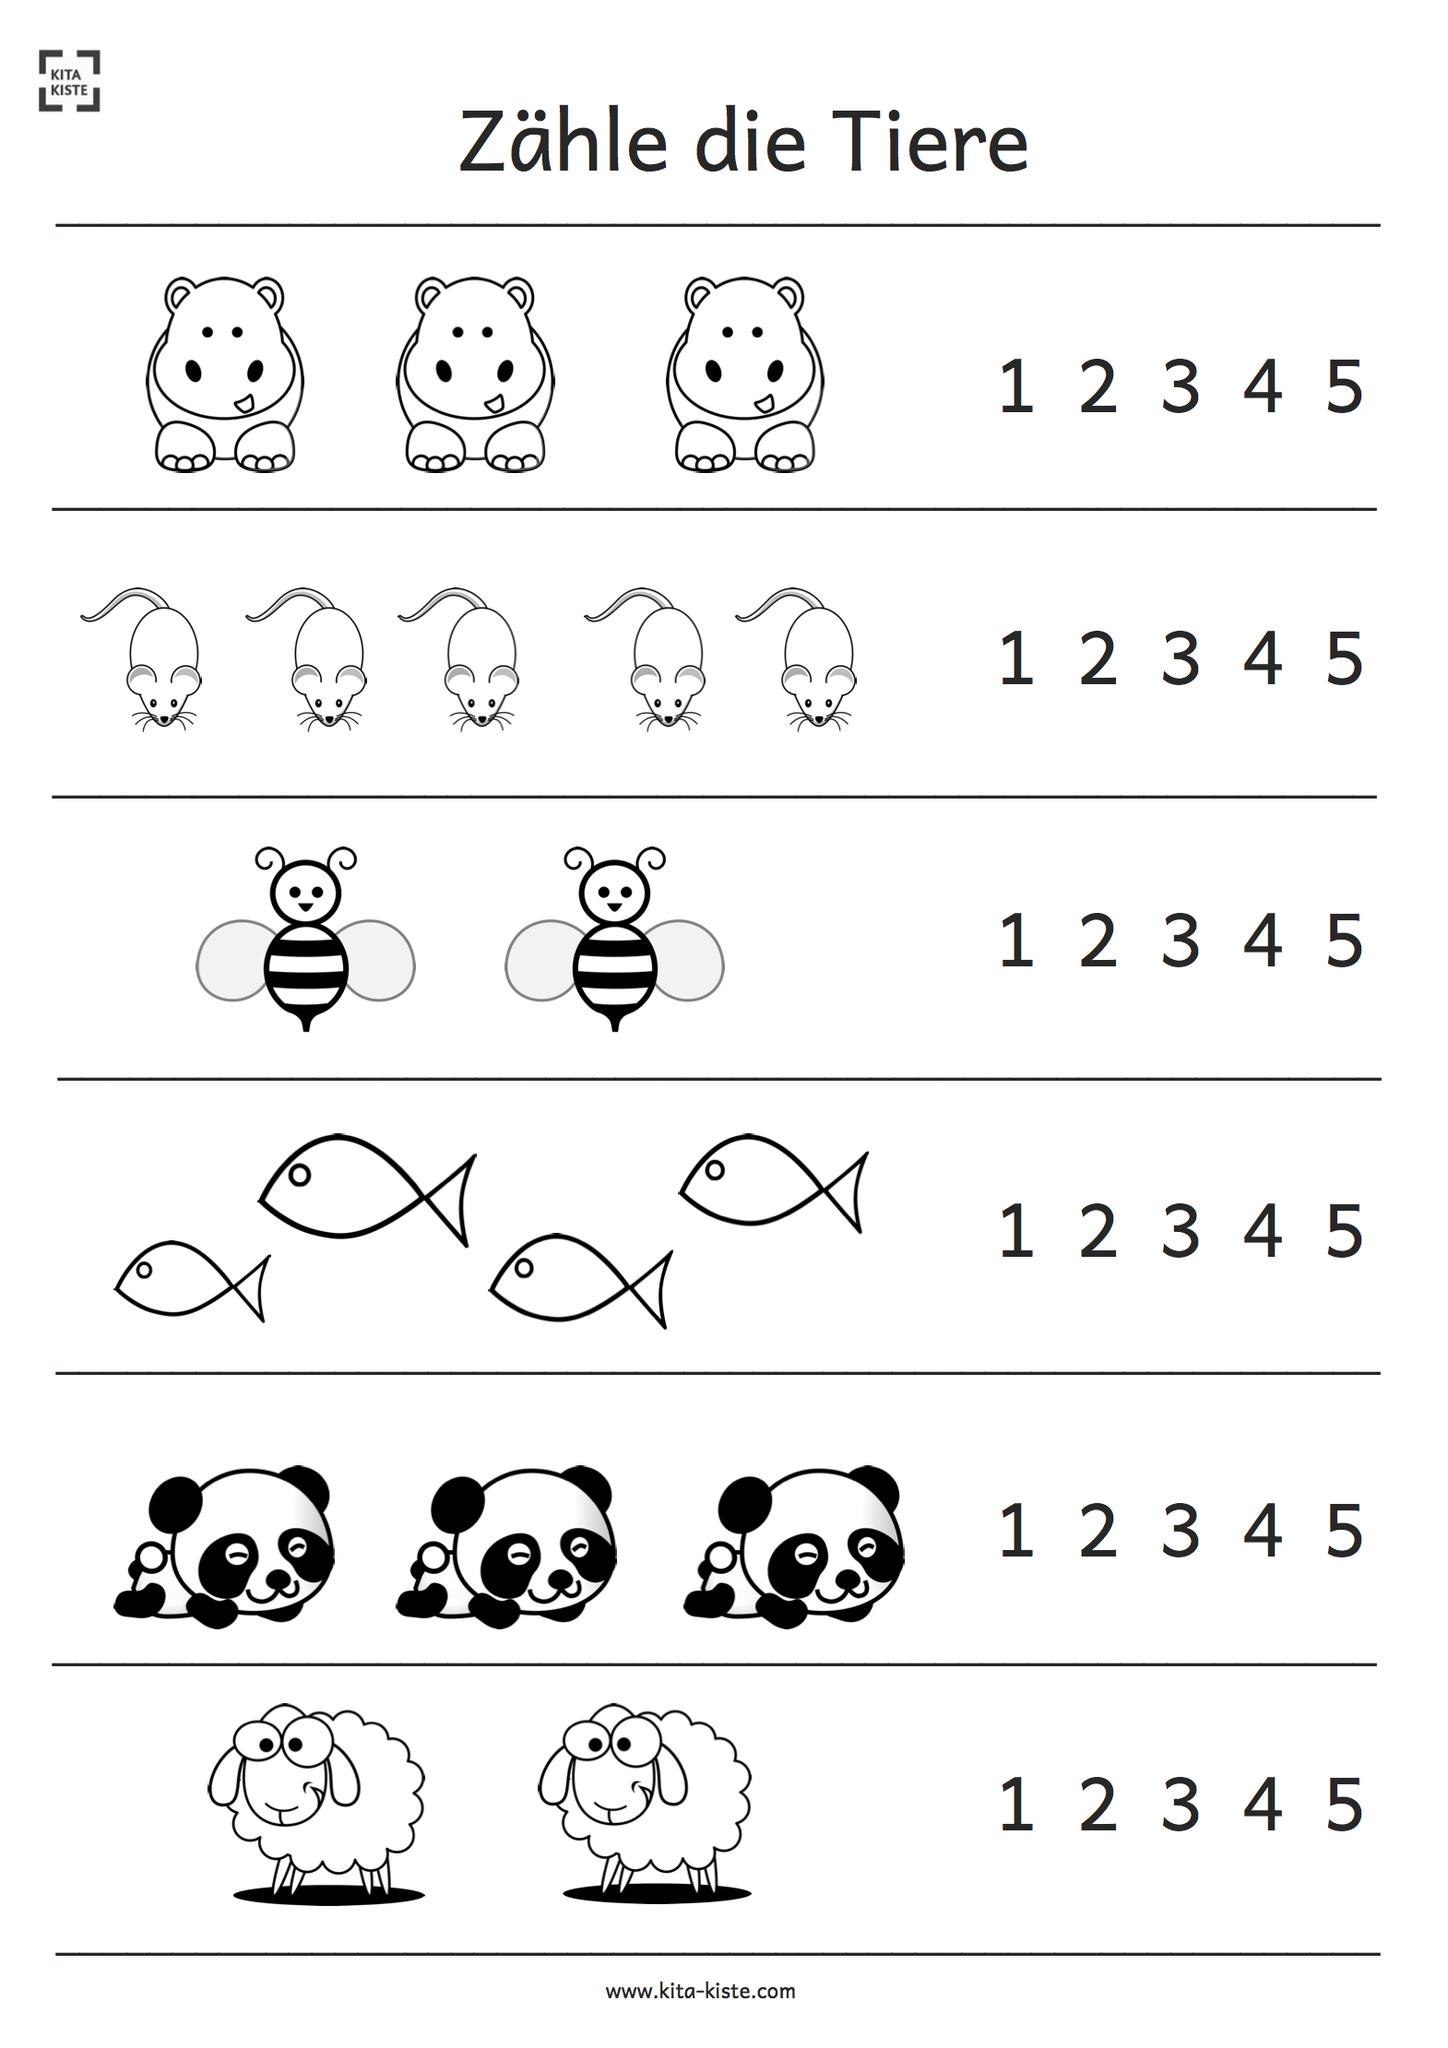 Shop: Vorlagen - Kinderlieder Für Kita & Krippe (Mit Bildern ganzes Rätsel Für Vorschulkinder